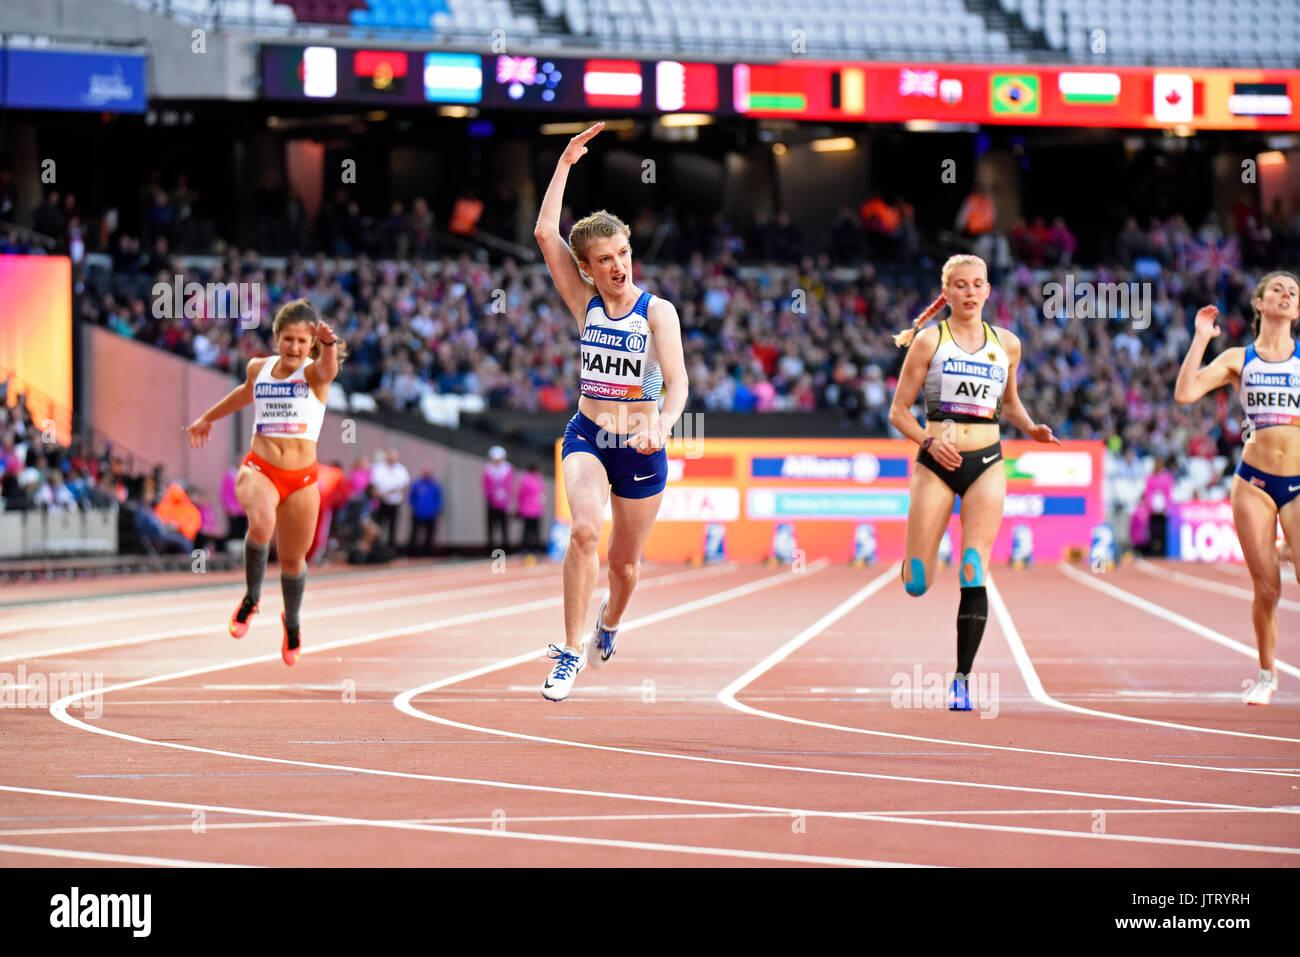 Sophie Hahn celebrando ganar el T38 de 100m en el Campeonato Mundial de Atletismo de Pará en Londres Stadium. 2017. Espacio para copiar Imagen De Stock